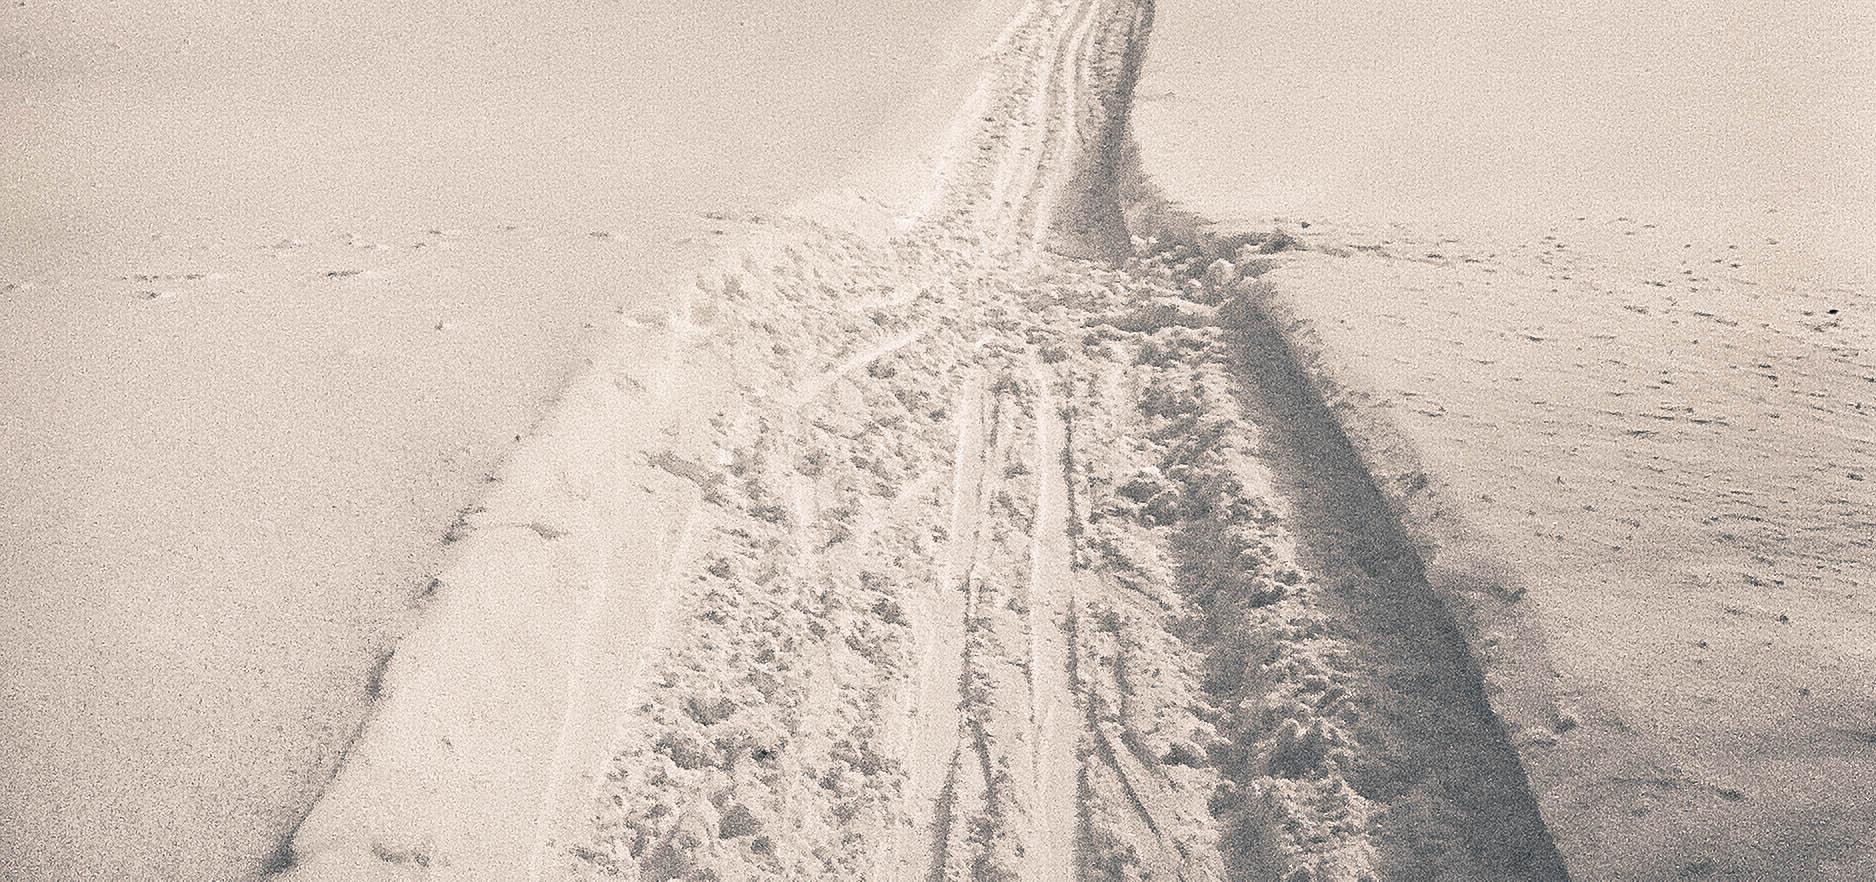 Le ski de fond